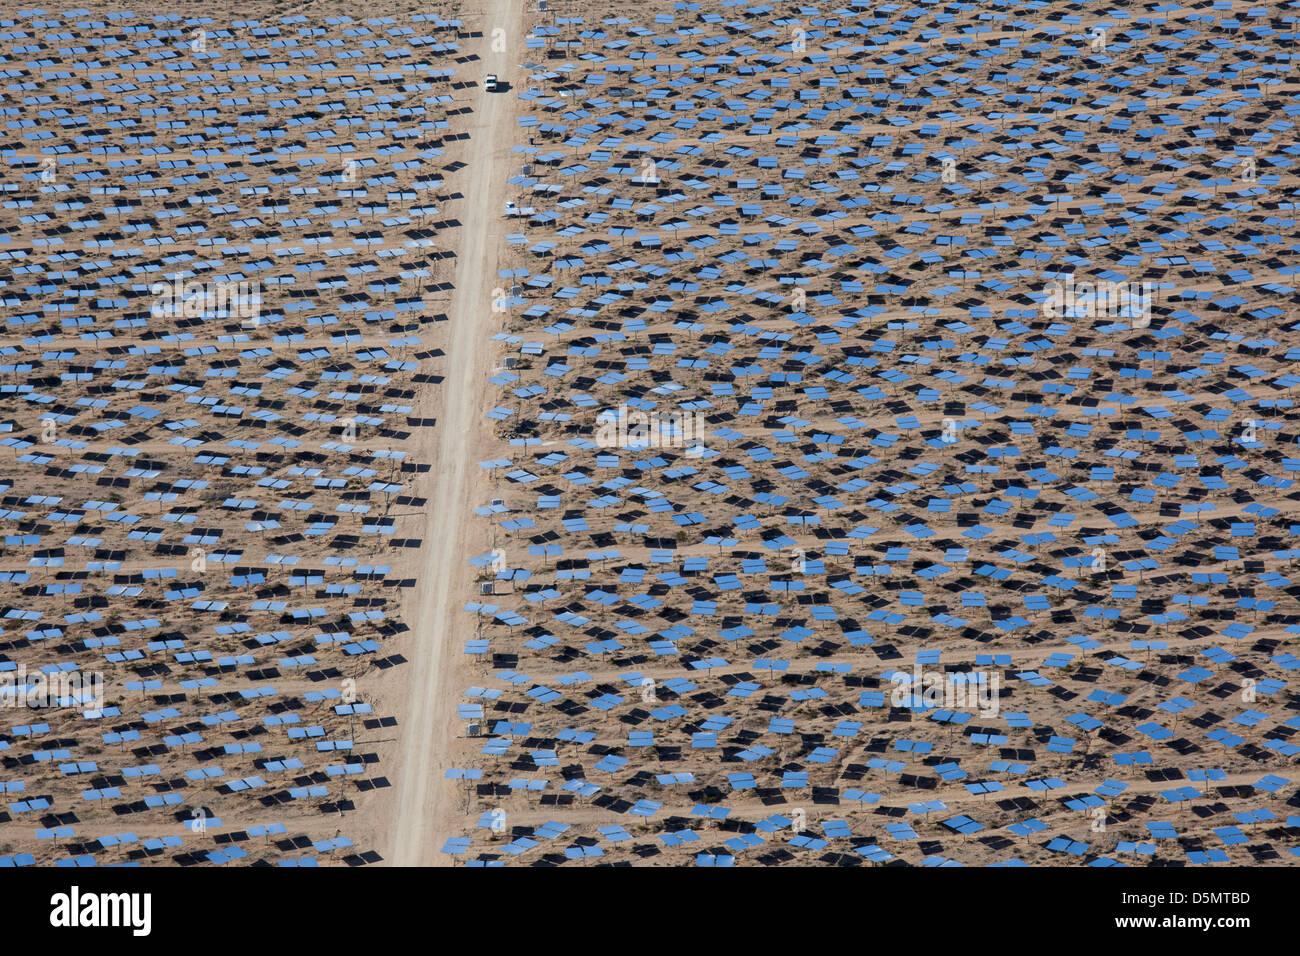 Projet d'énergie solaire Ivanpah Photo Stock